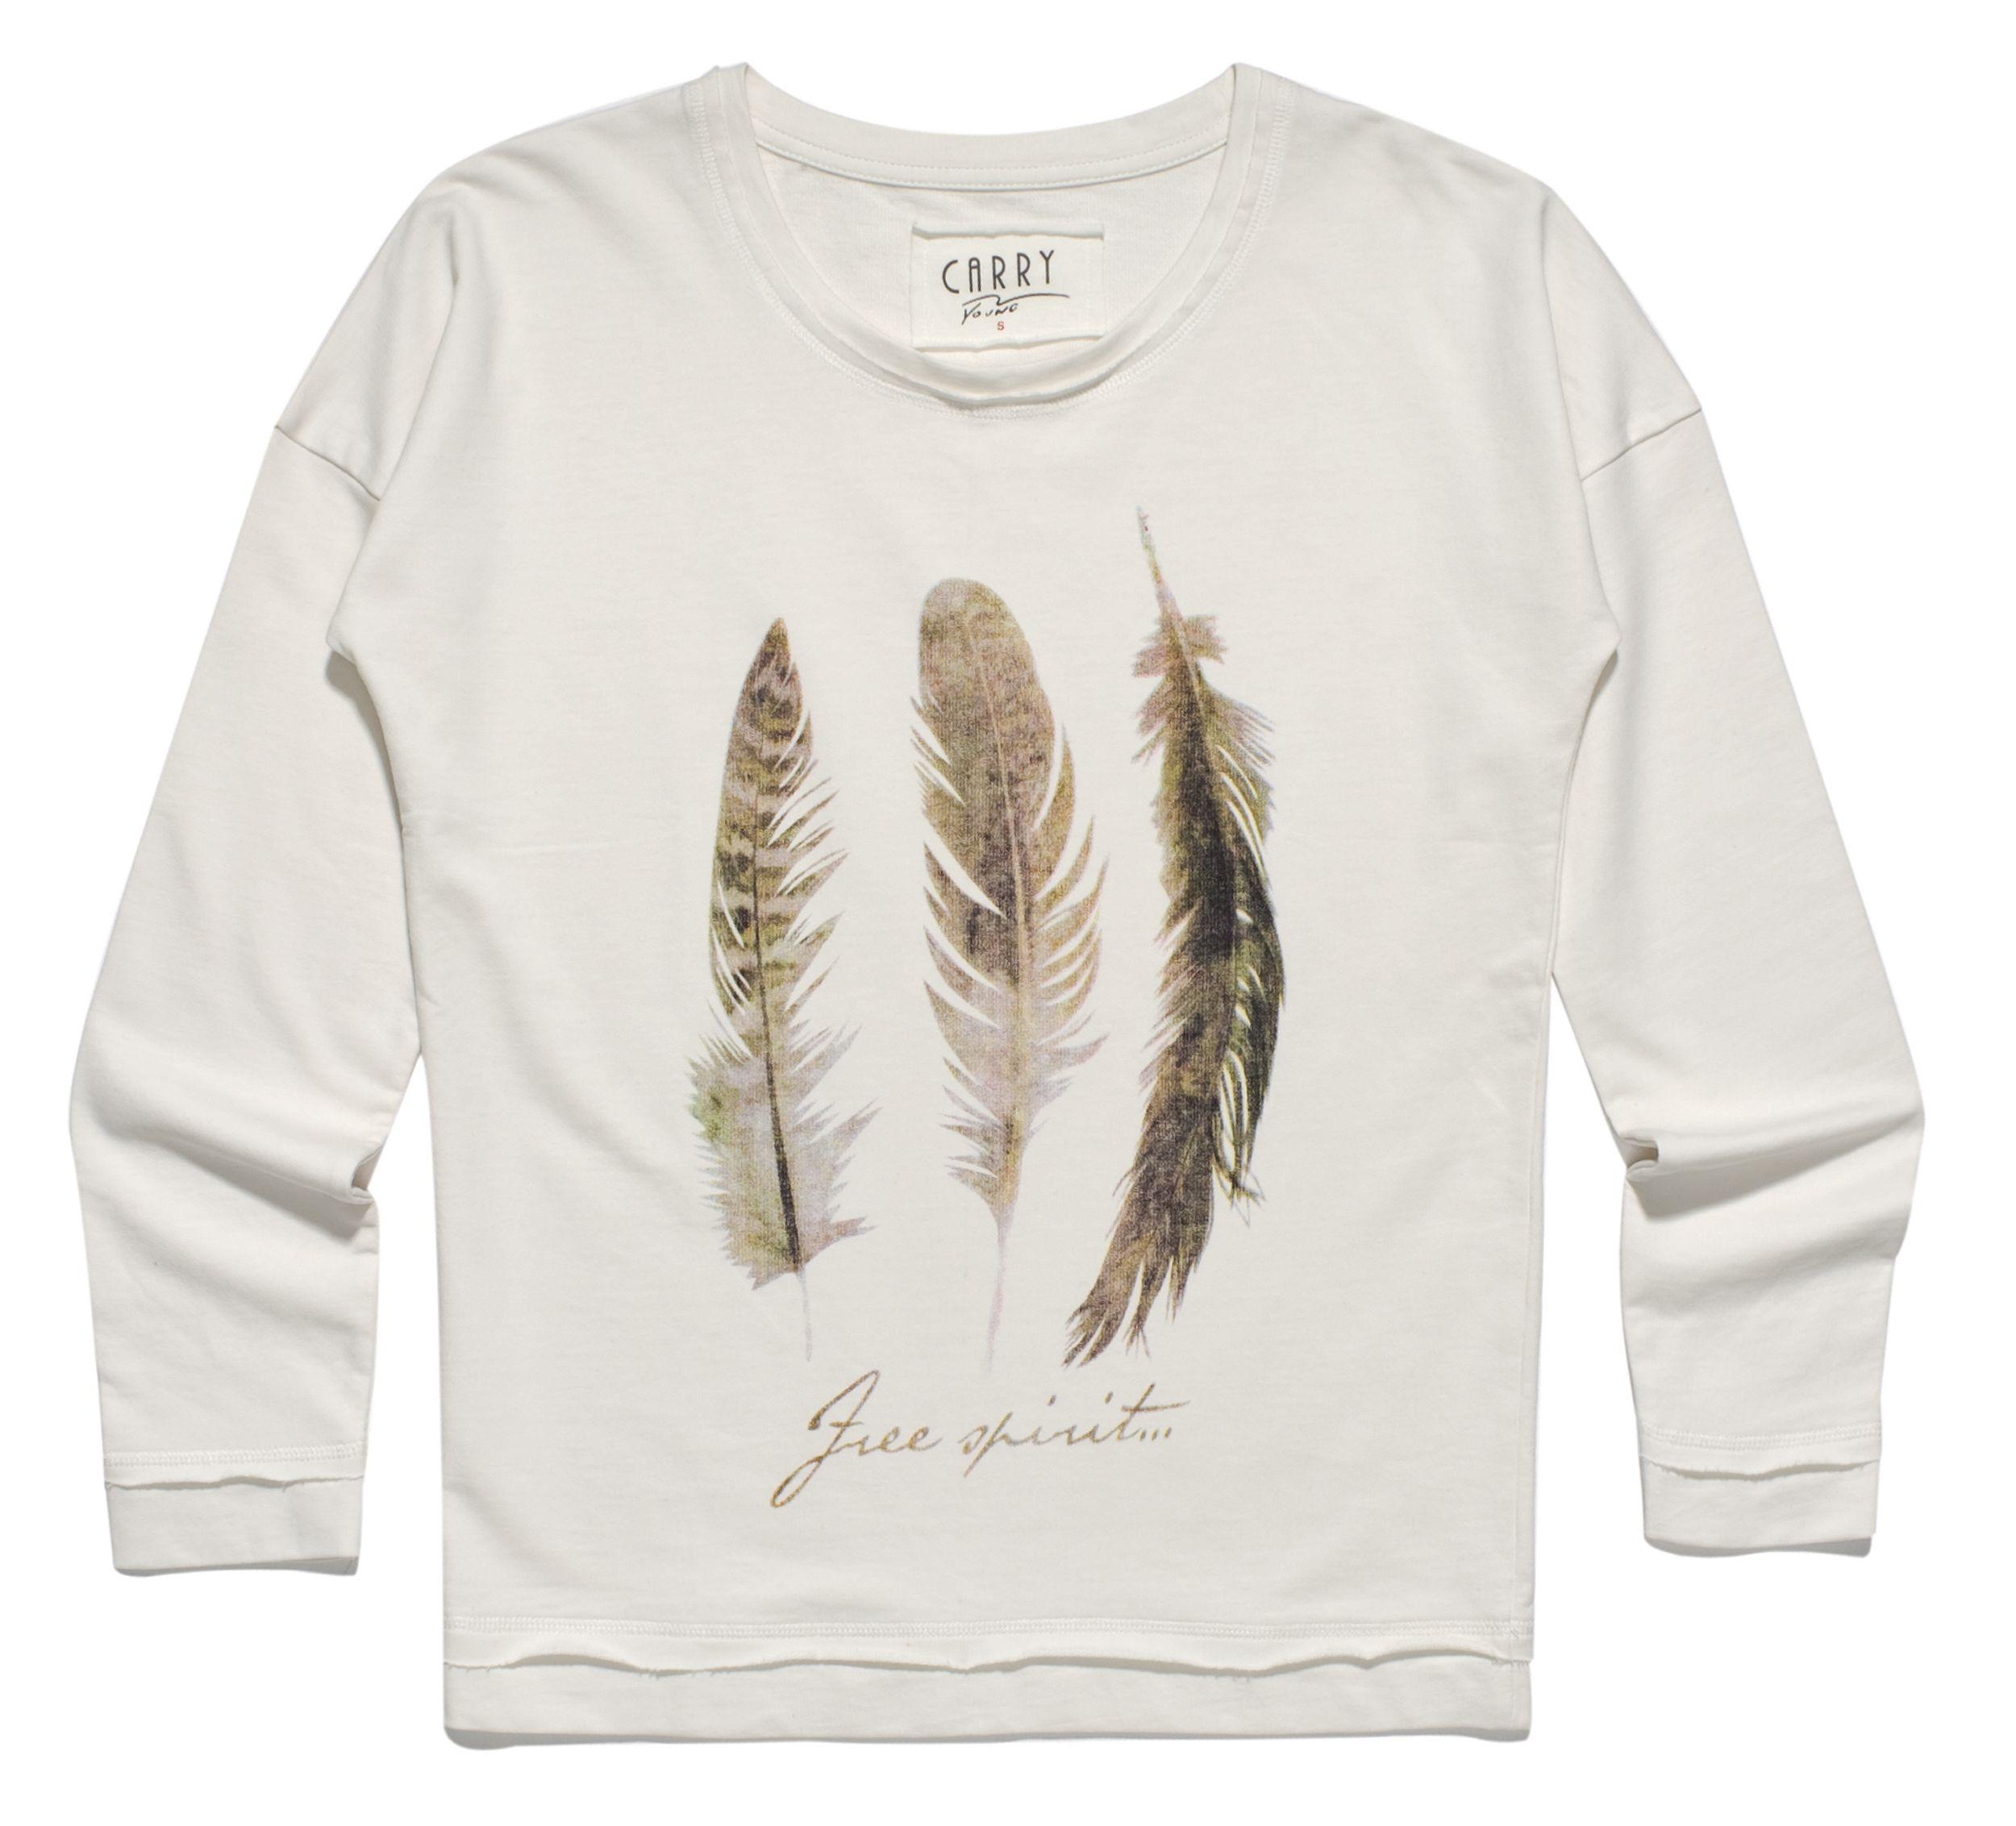 kremowa bluza z trzema piórkami